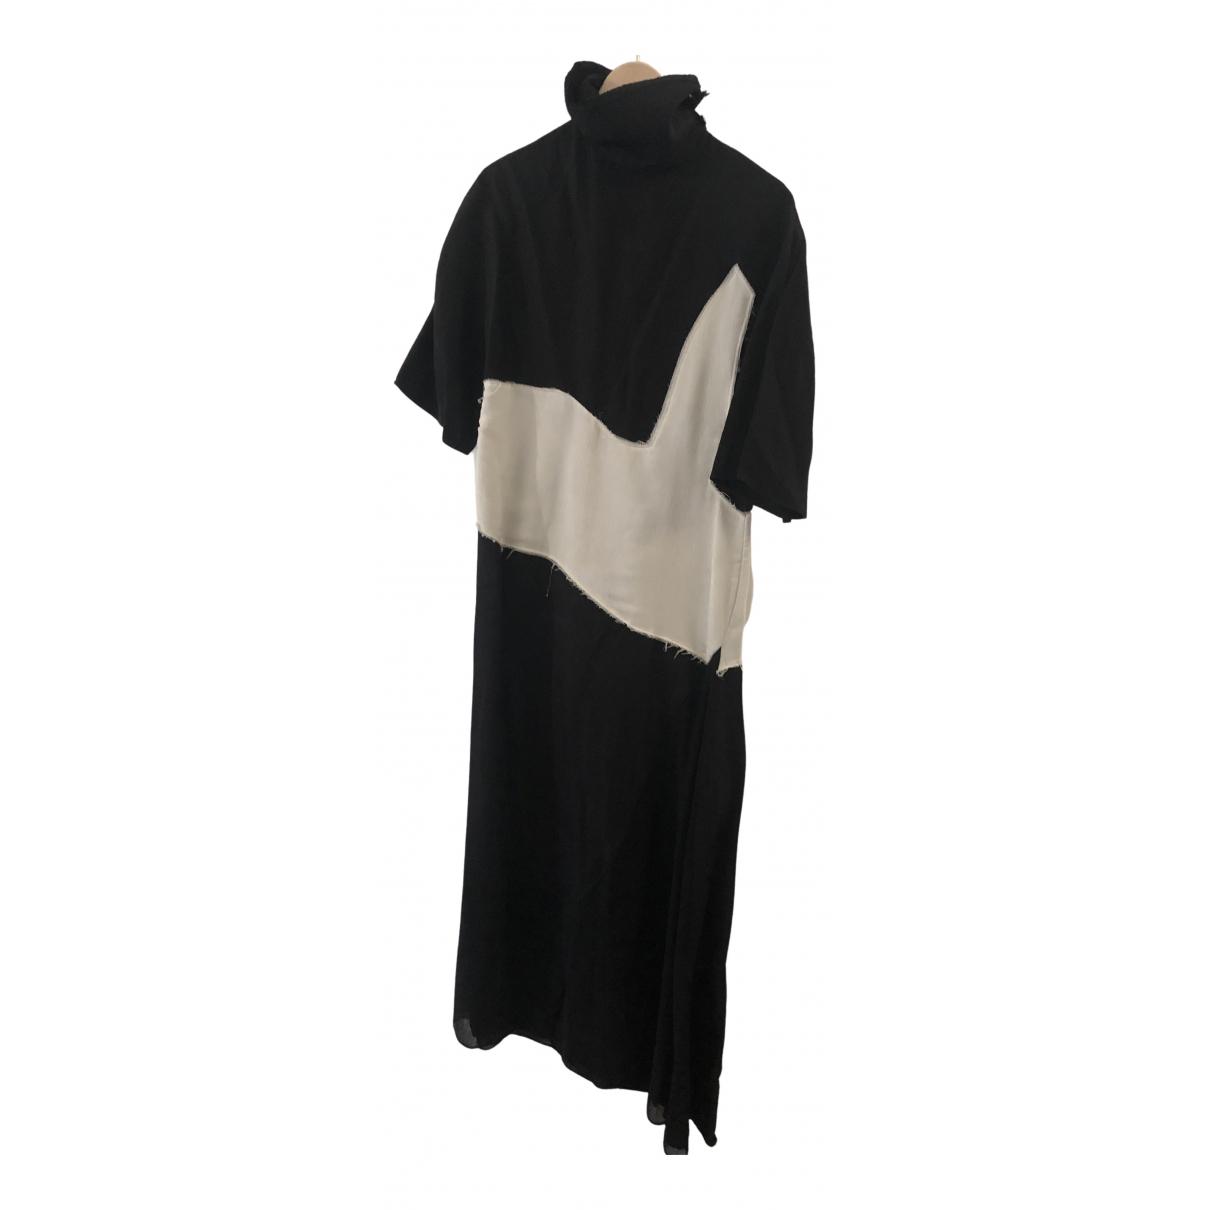 Acne Studios N Black dress for Women 36 FR